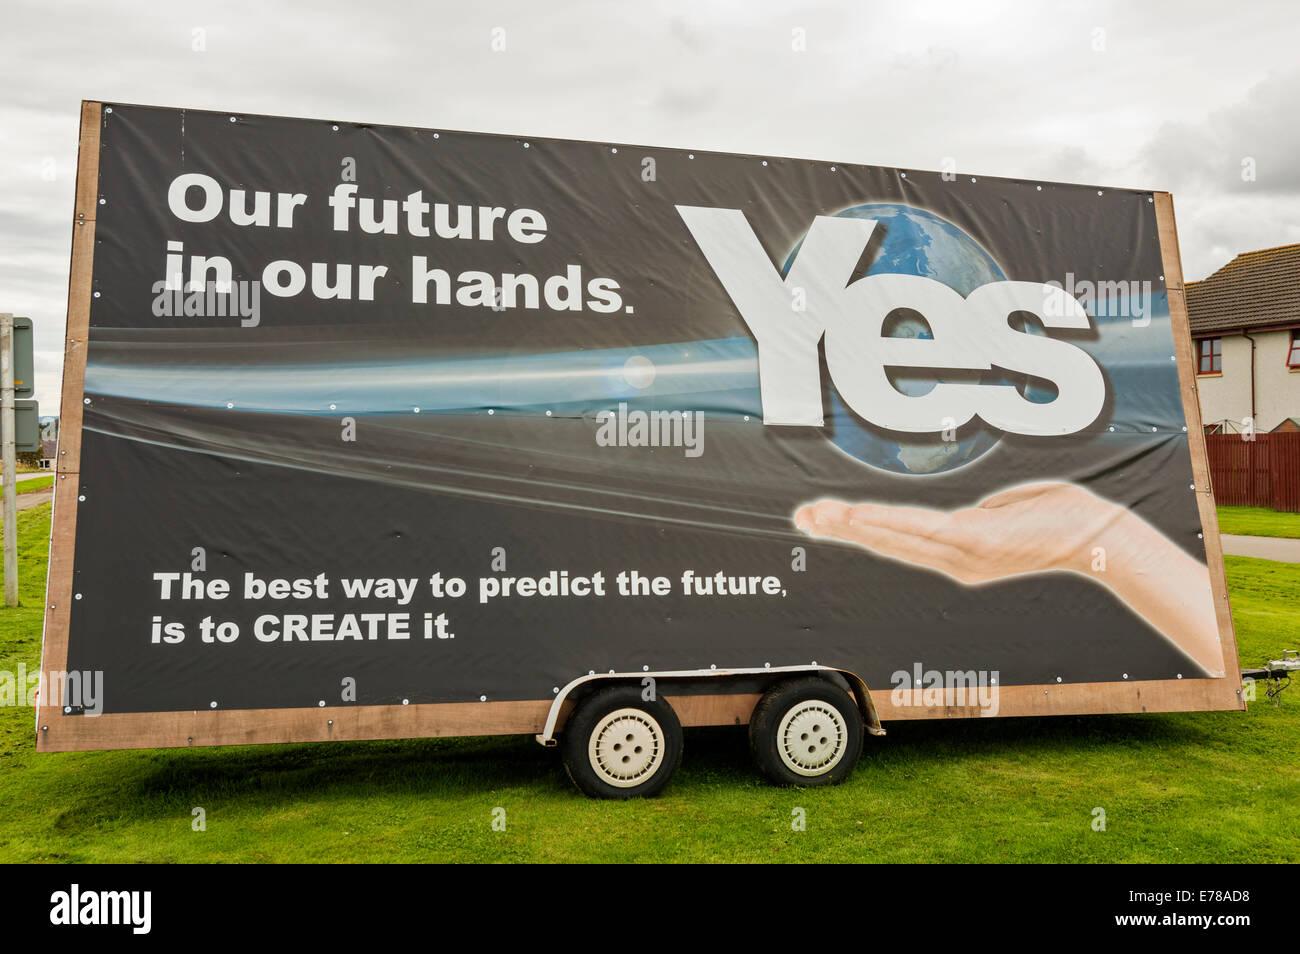 Référendum sur l'indépendance écossaise 2014 GRAND VOTE OUI SIGNER OU LE PANNEAU PUBLICITAIRE Photo Stock